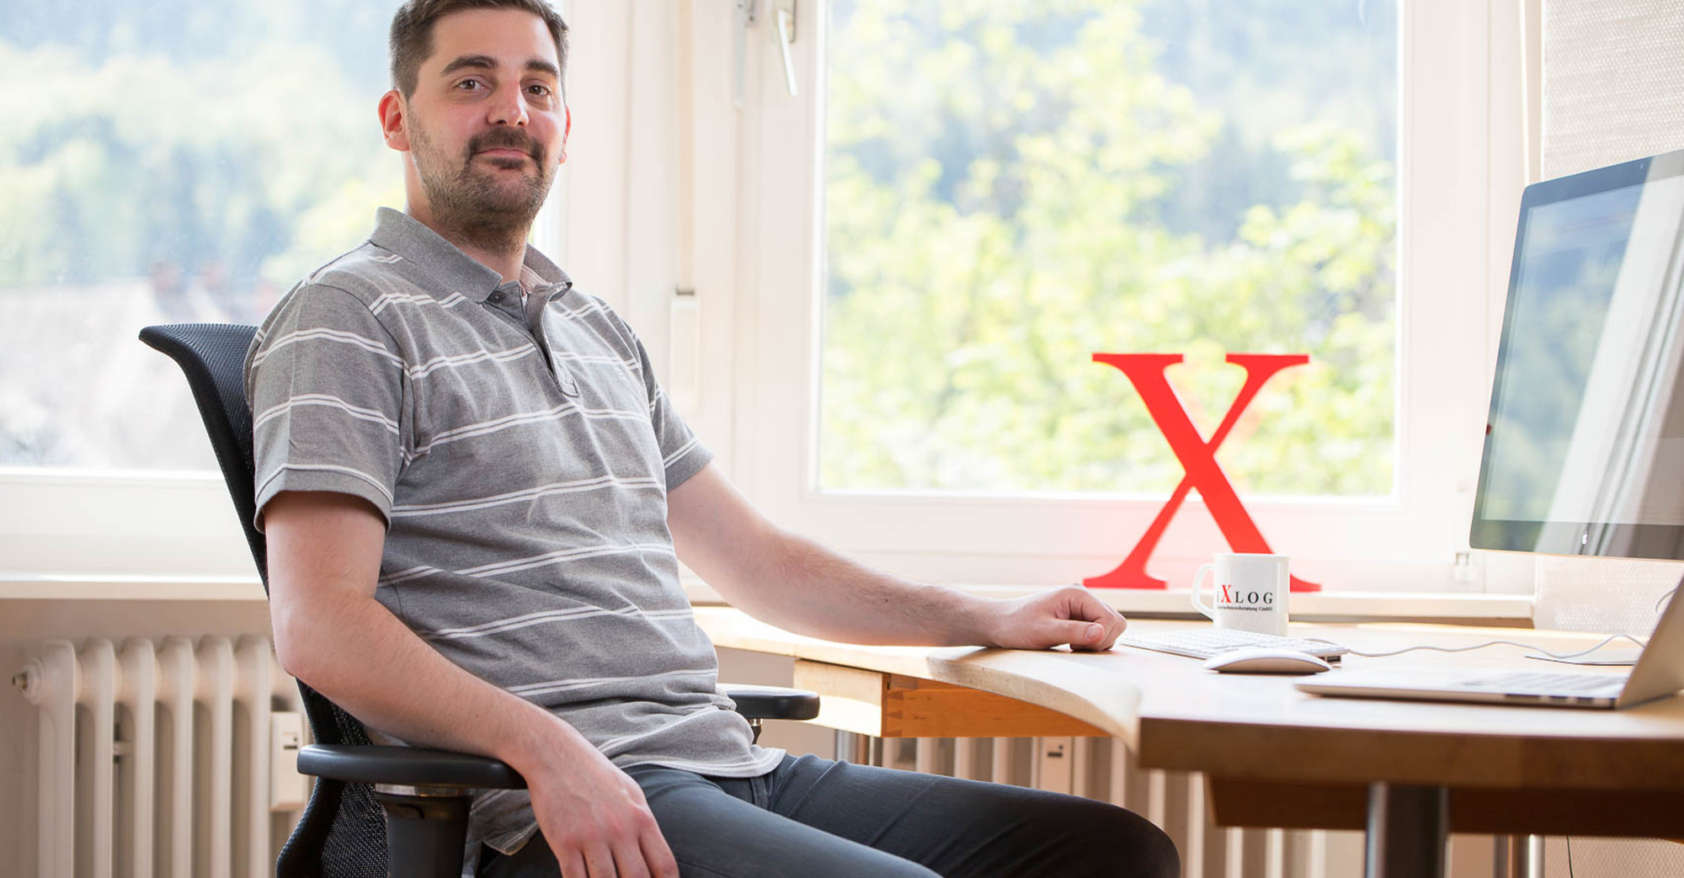 iXlog-Unternehmensberatung-SAP-Workflow